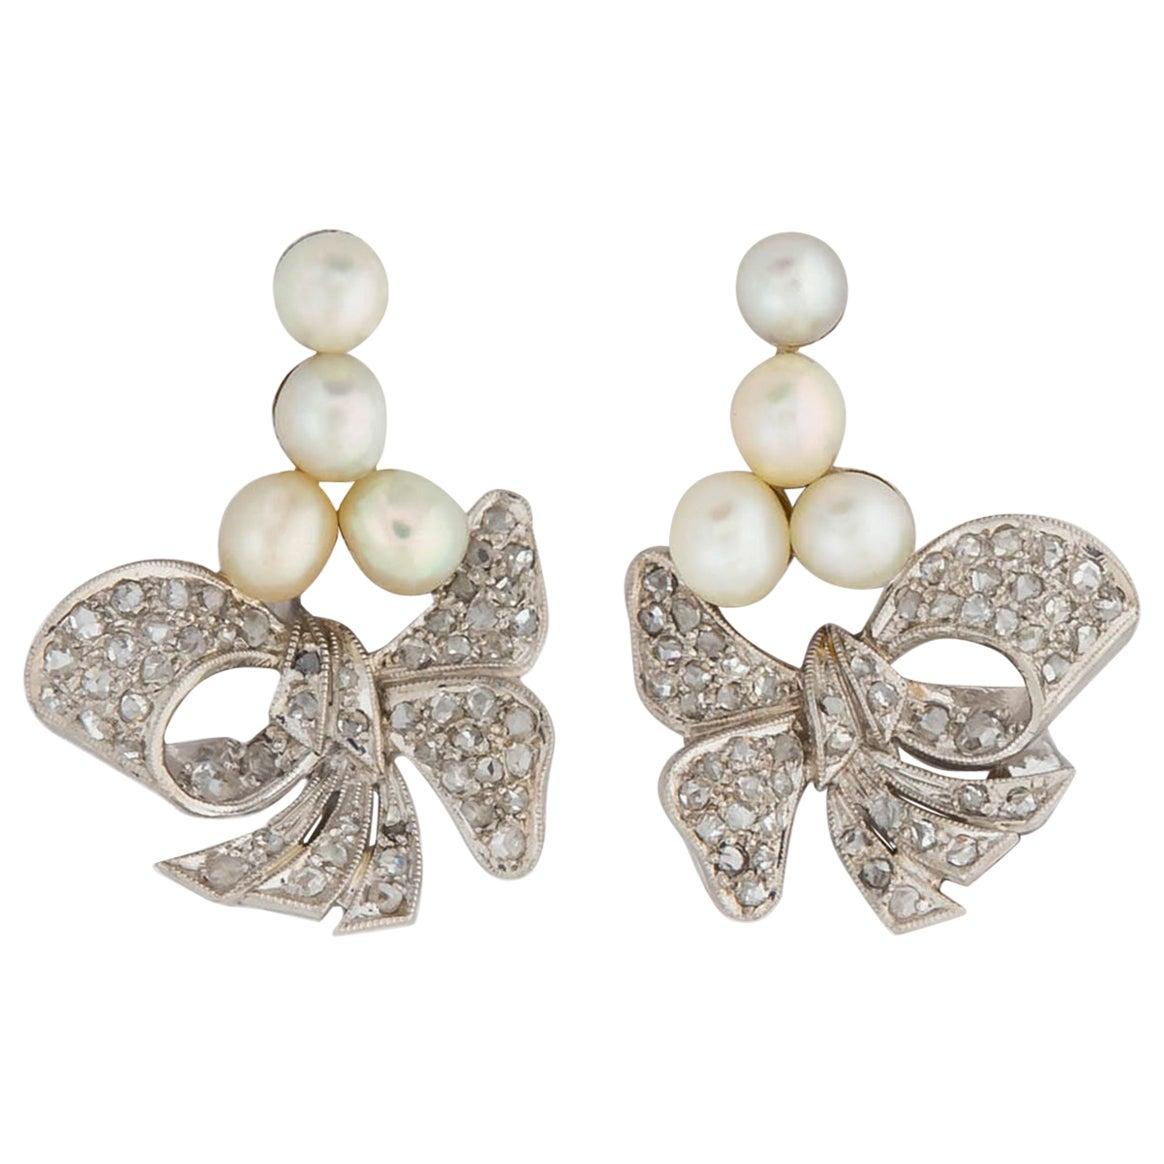 Vintage Platinum Pearl and Diamond Earrings